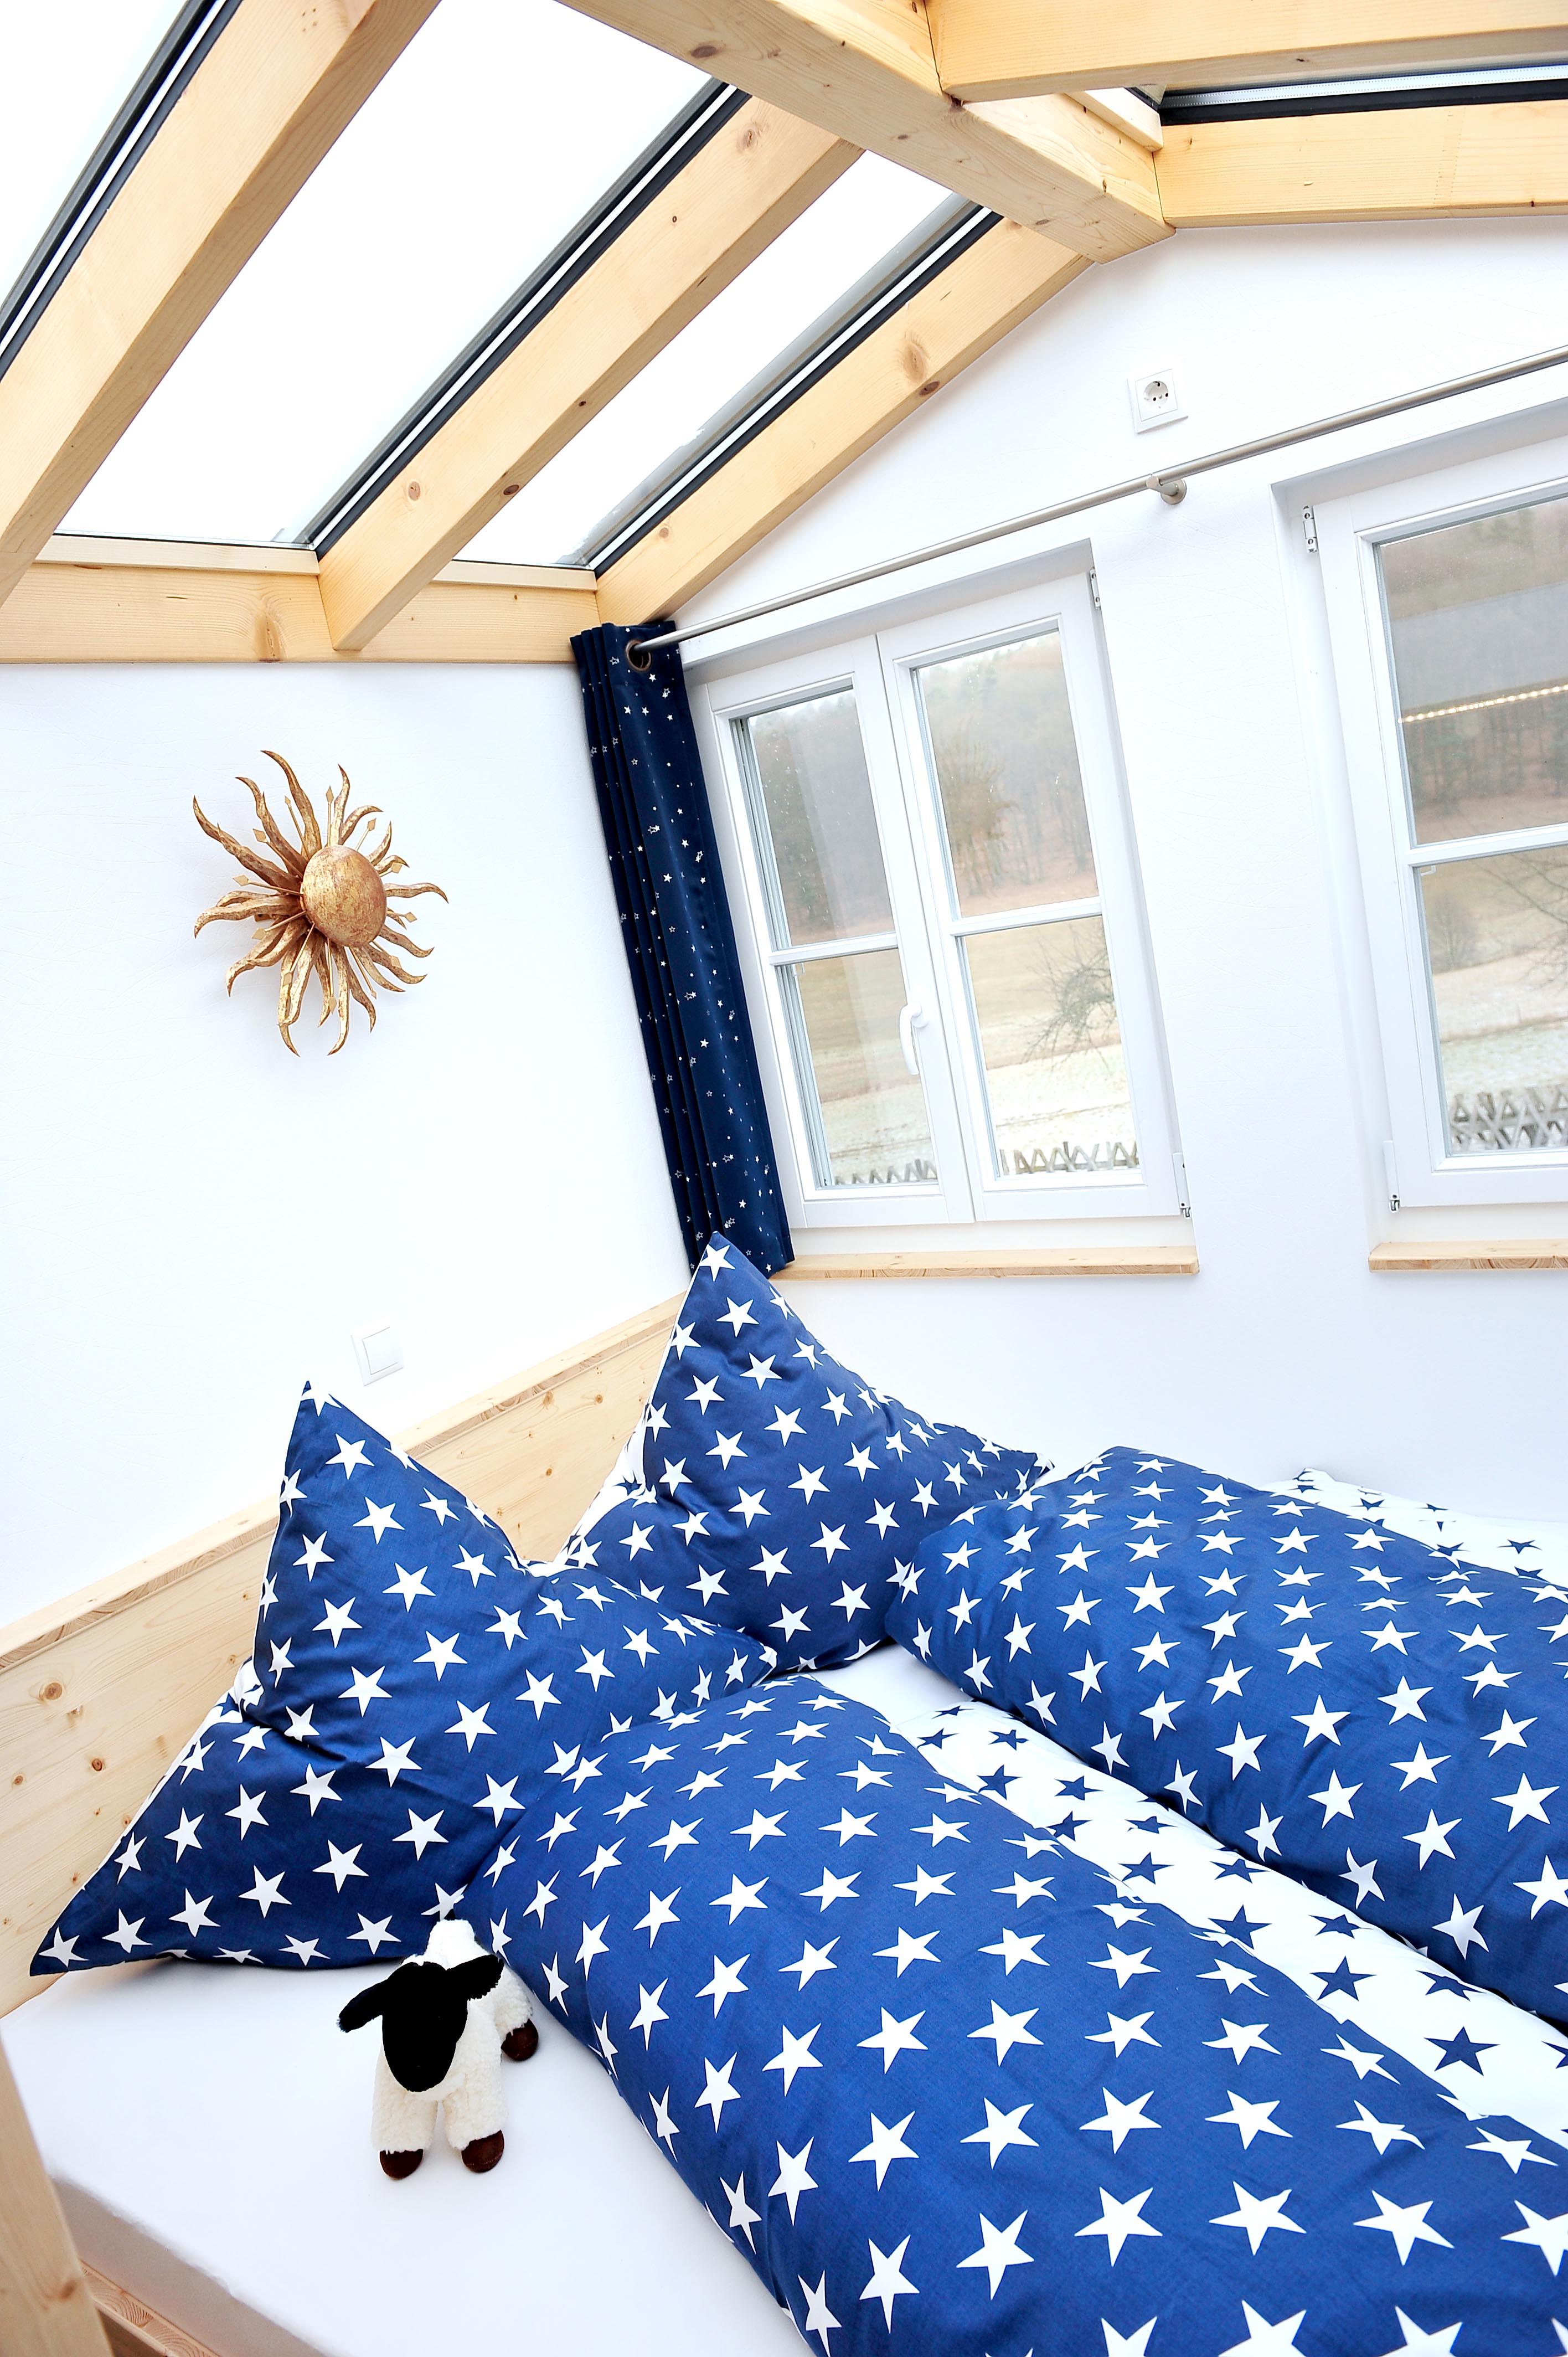 Rhöner Sternenwagen, Bett mit Glasdach, Quelle: Mandy Heidinger-Peter